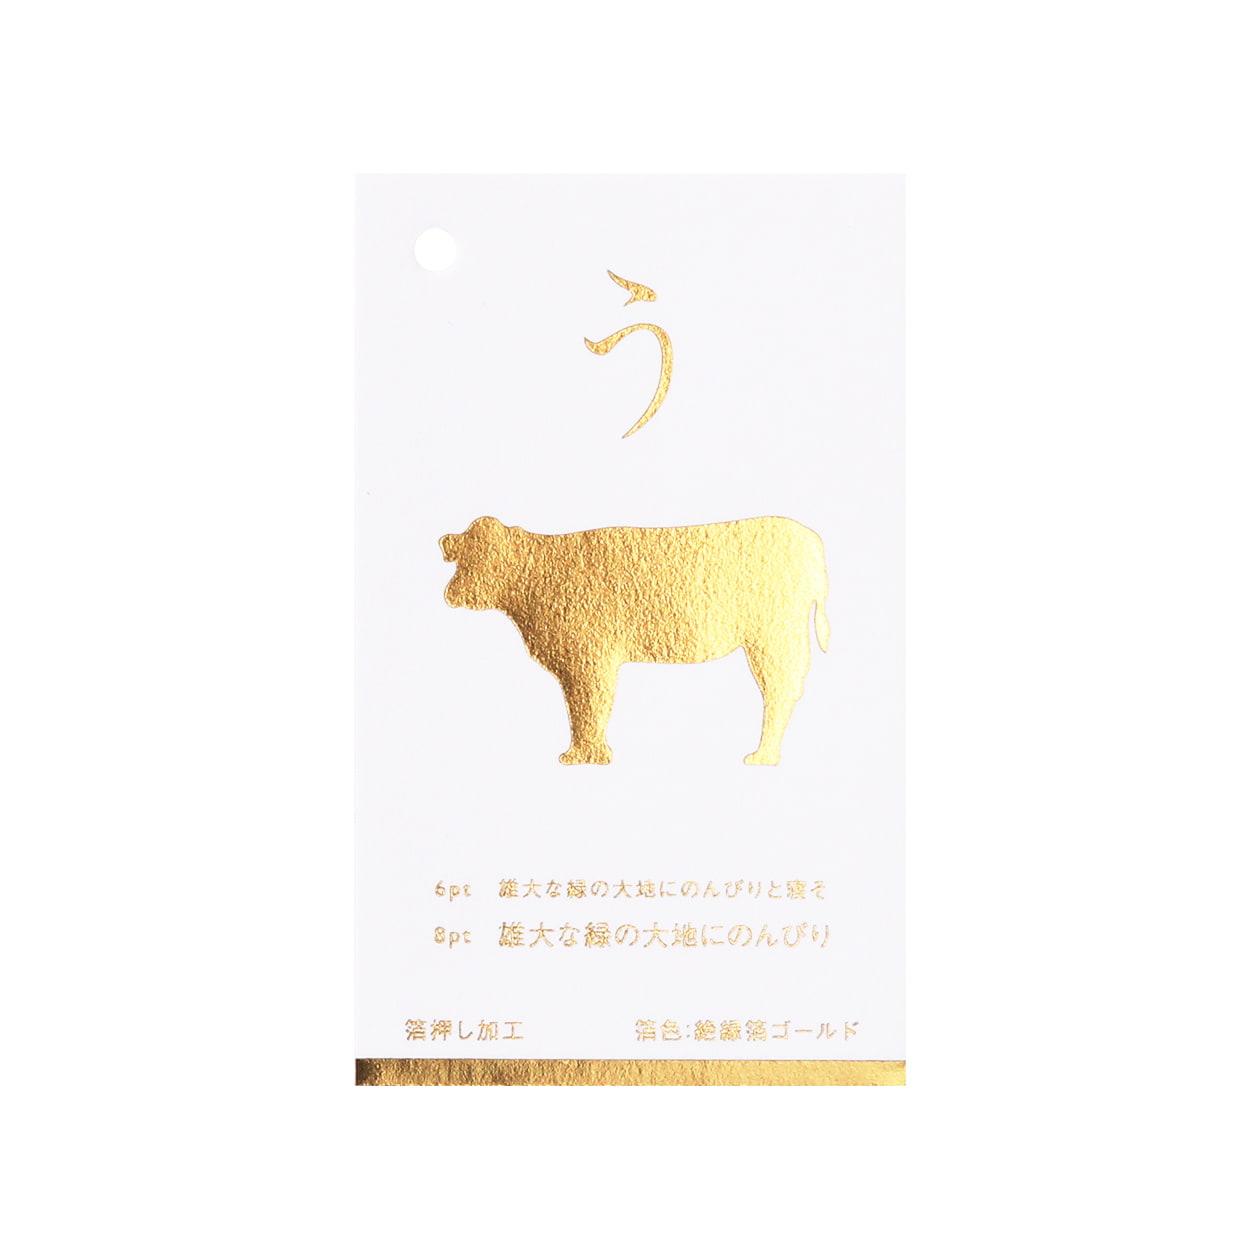 箔色見本 00210 絶縁箔ゴールド箔 コットンスノーホワイト 232.8g